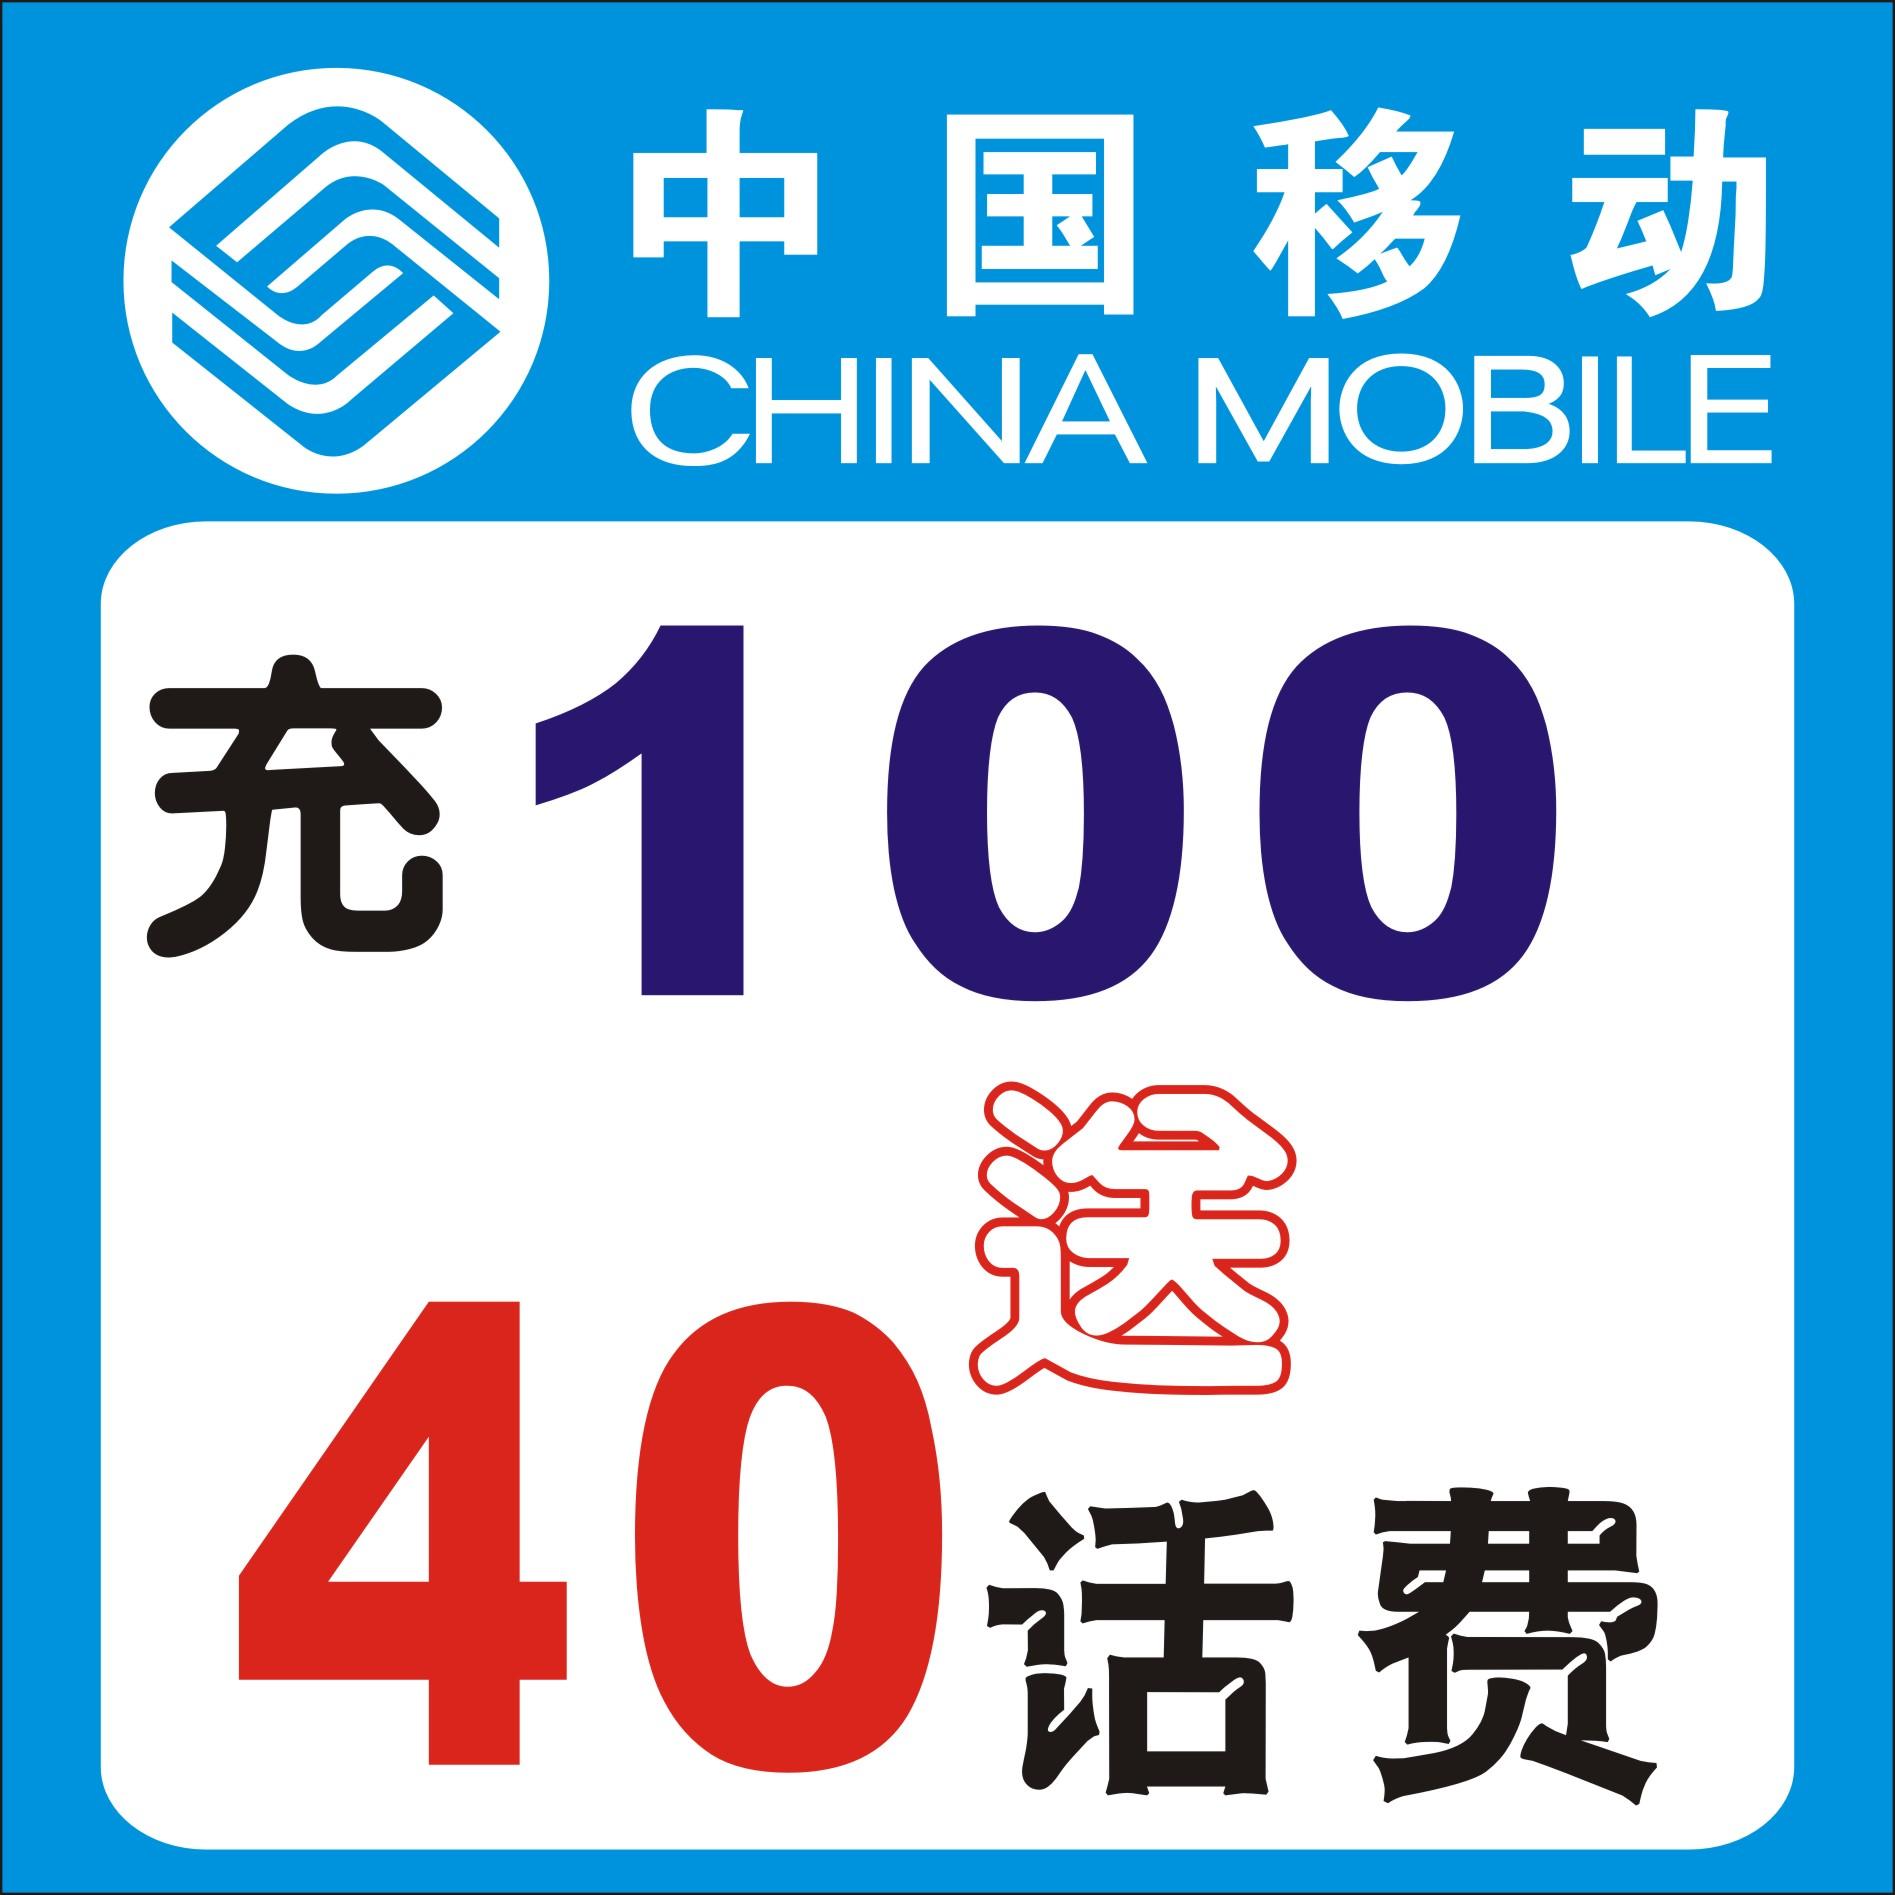 中国移动湛江学生卡充值优惠,充100送40,移动充值优惠赠送话费